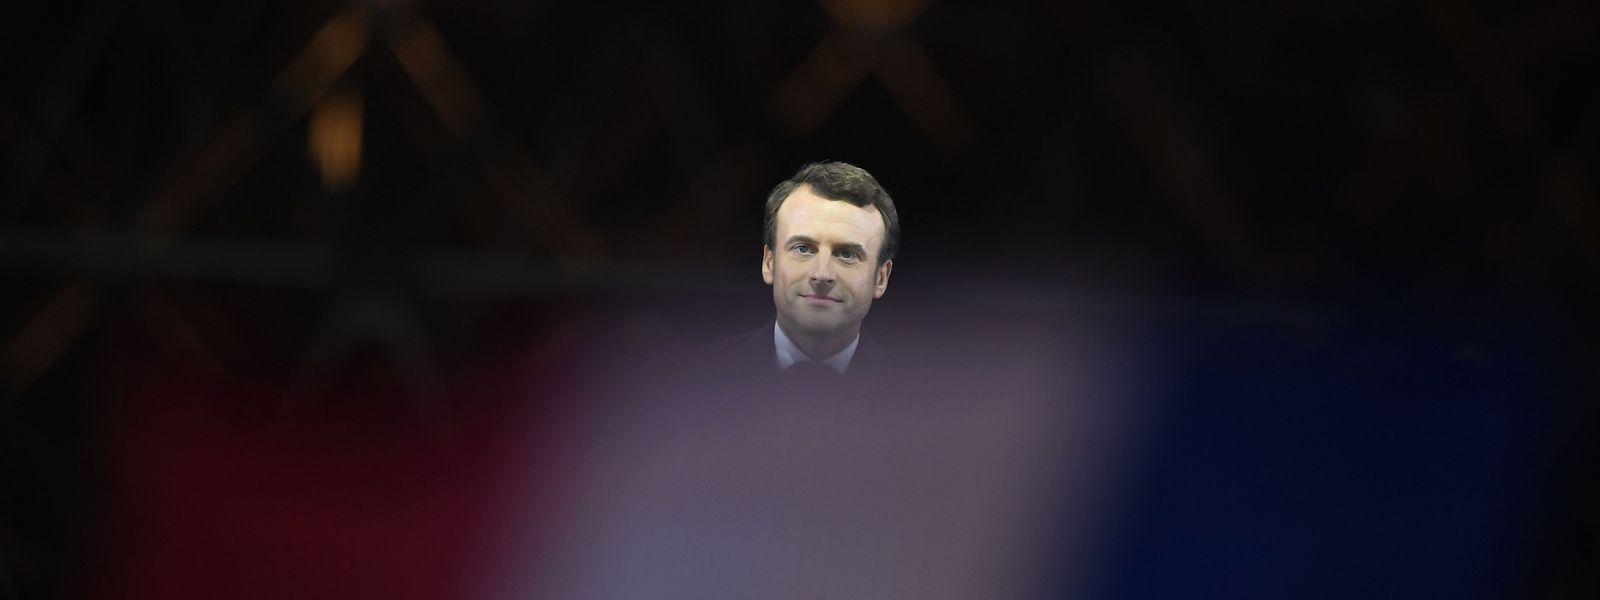 """Als """"Sieg der Vernunft"""" bezeichnete EU-Kommissionspräsident Juncker die Wahl Macrons."""